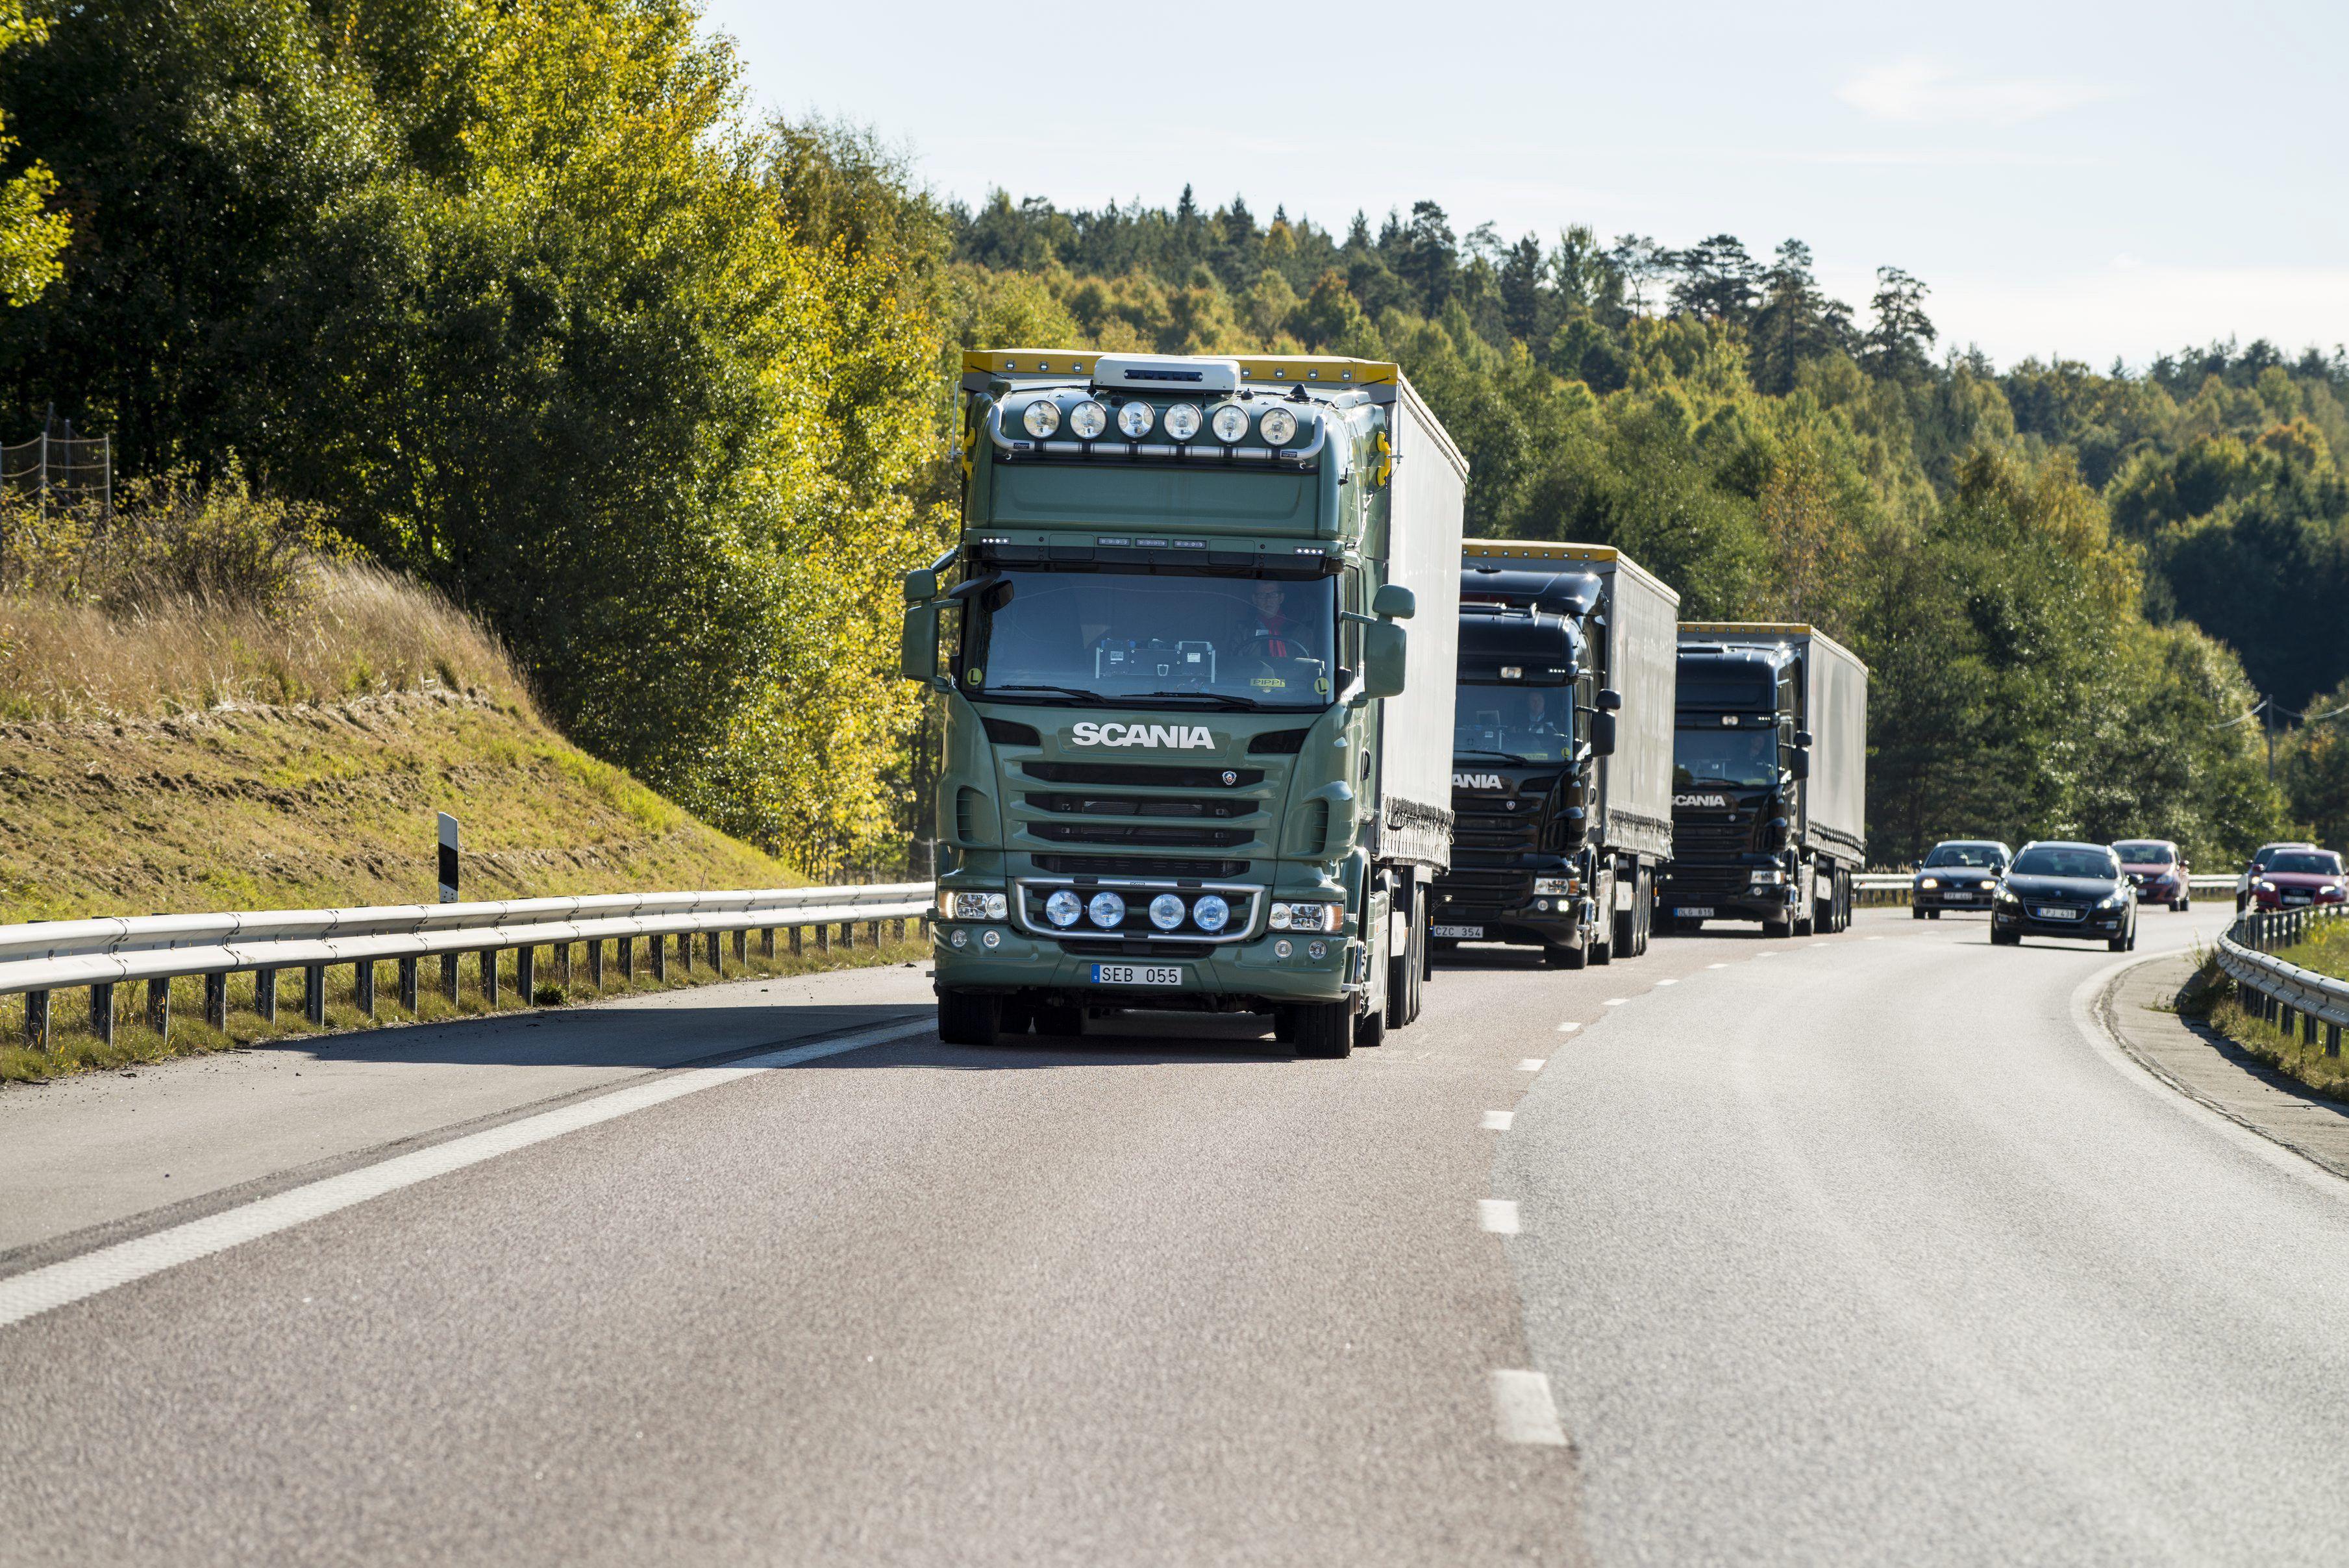 Scania übernimmt Vorreiterrolle bei vollständig autonom fahrenden Lkw im Platooning